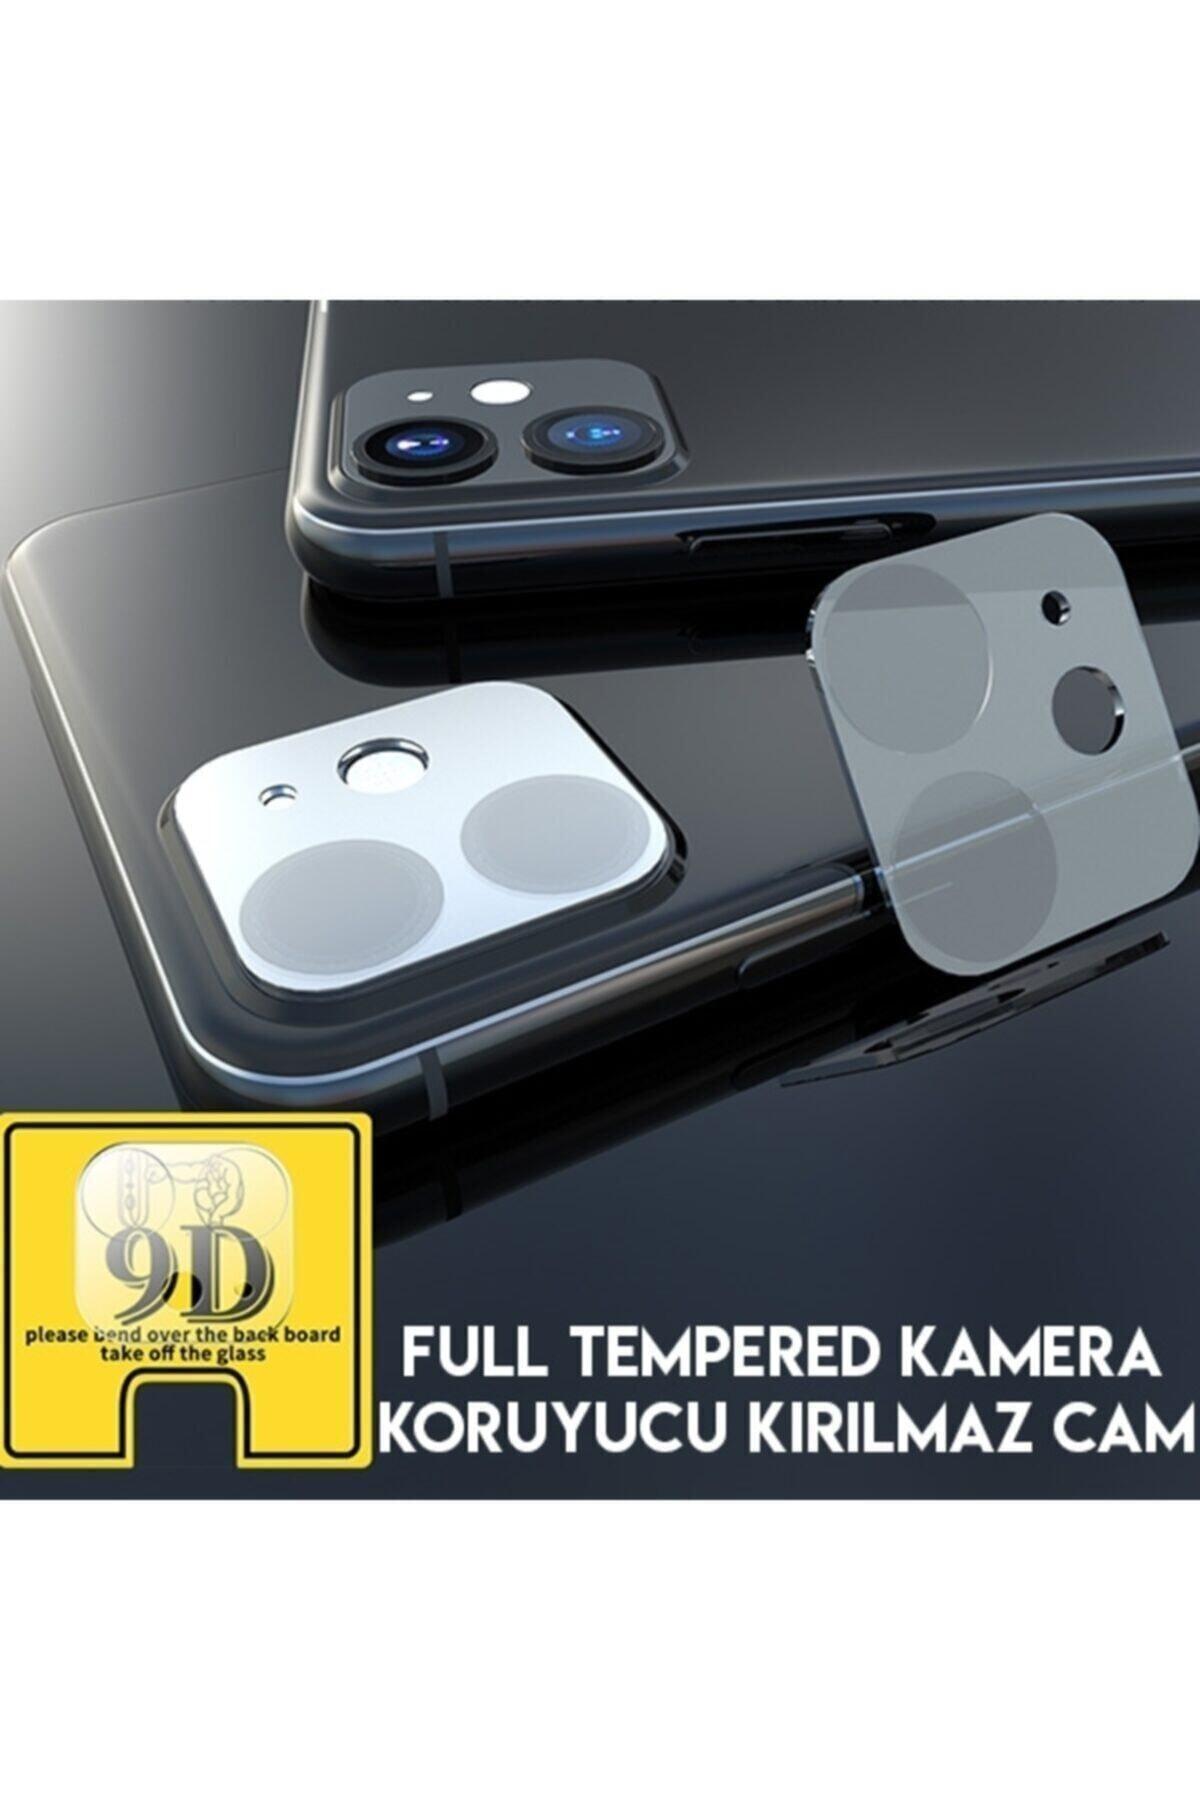 Ally Mobile Iphone 11 6.1inch 2019 Full Tempered Kamera Koruyucu Kırılmaz Cam - Şeffaf 2